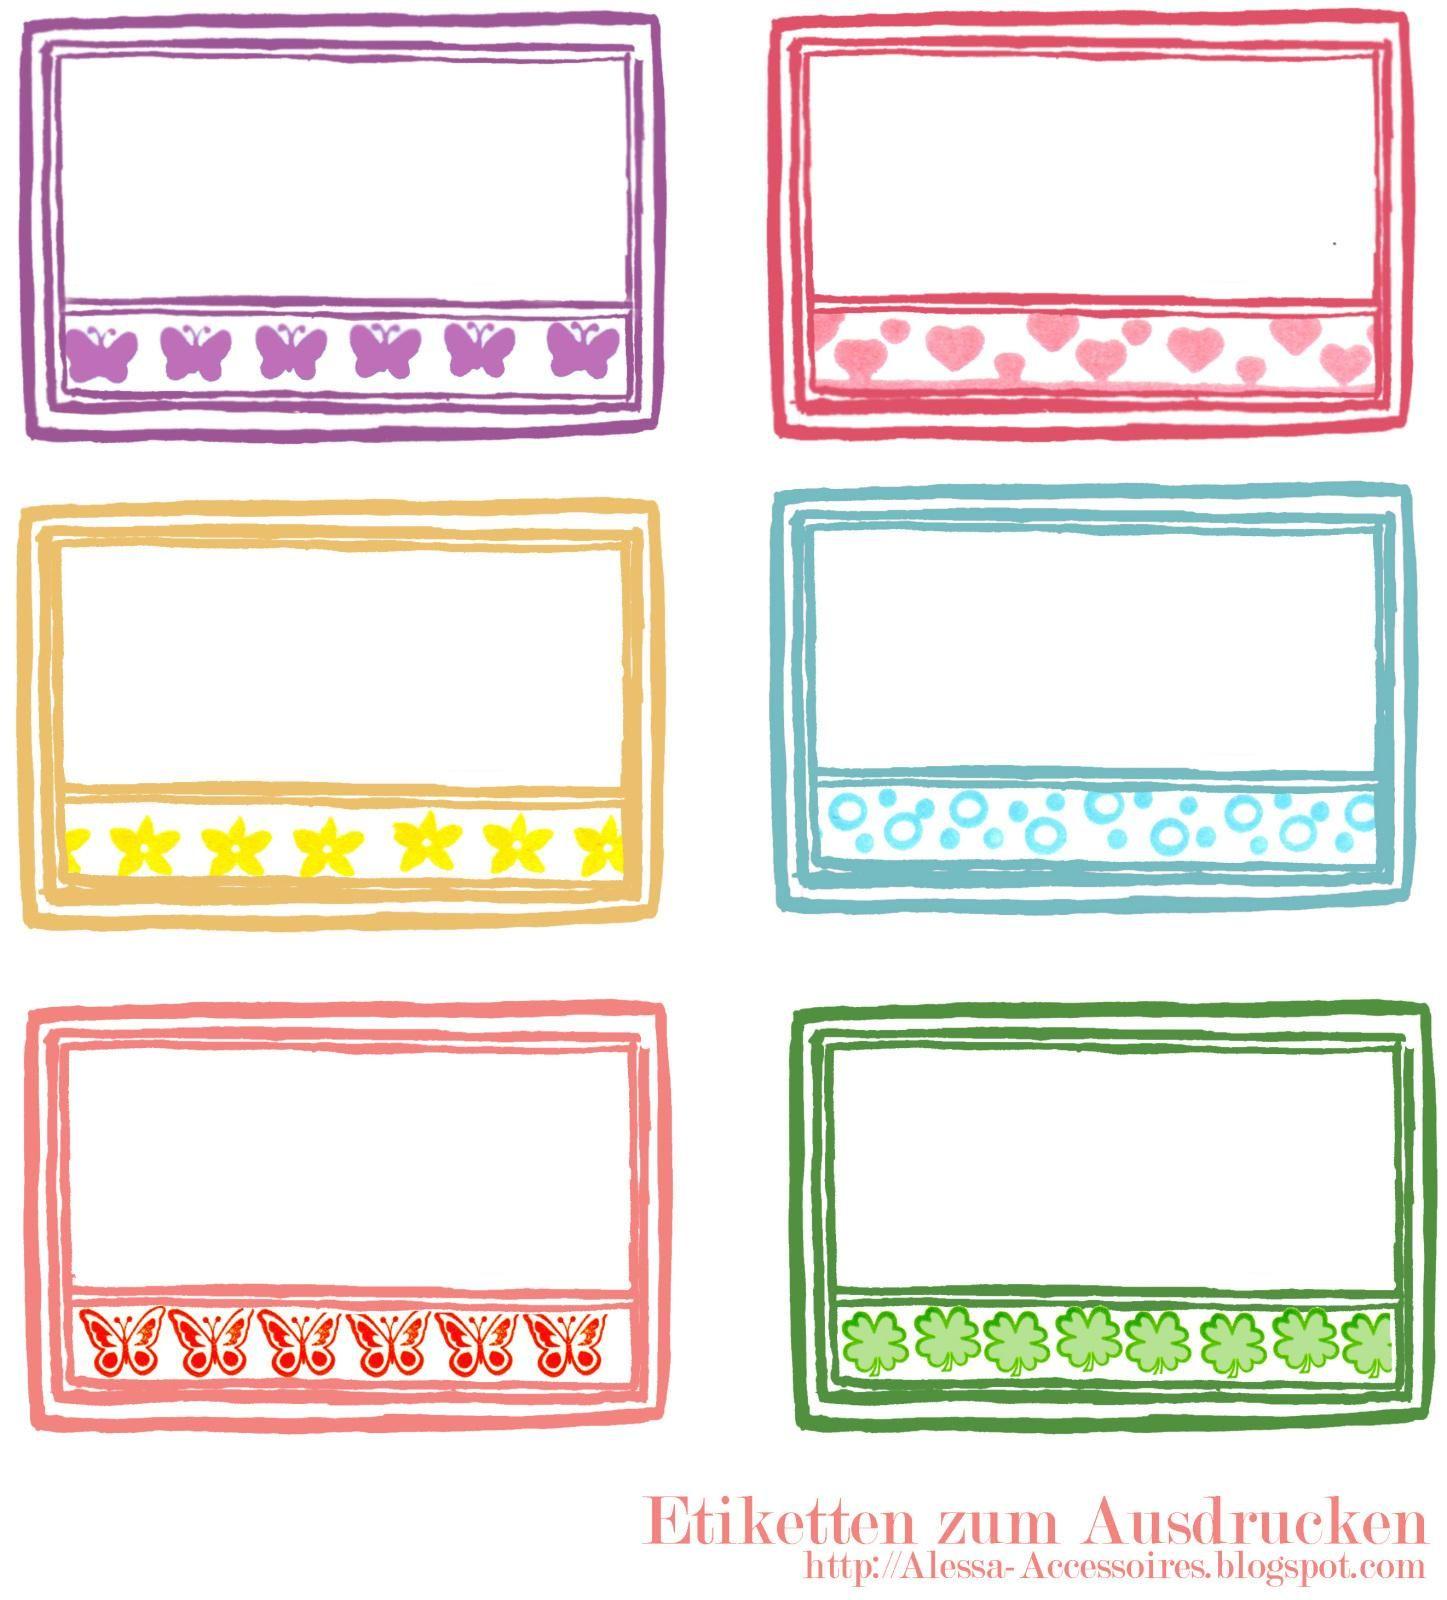 freebie etiketten zum ausdrucken ausdrucken schule und kaufladen. Black Bedroom Furniture Sets. Home Design Ideas